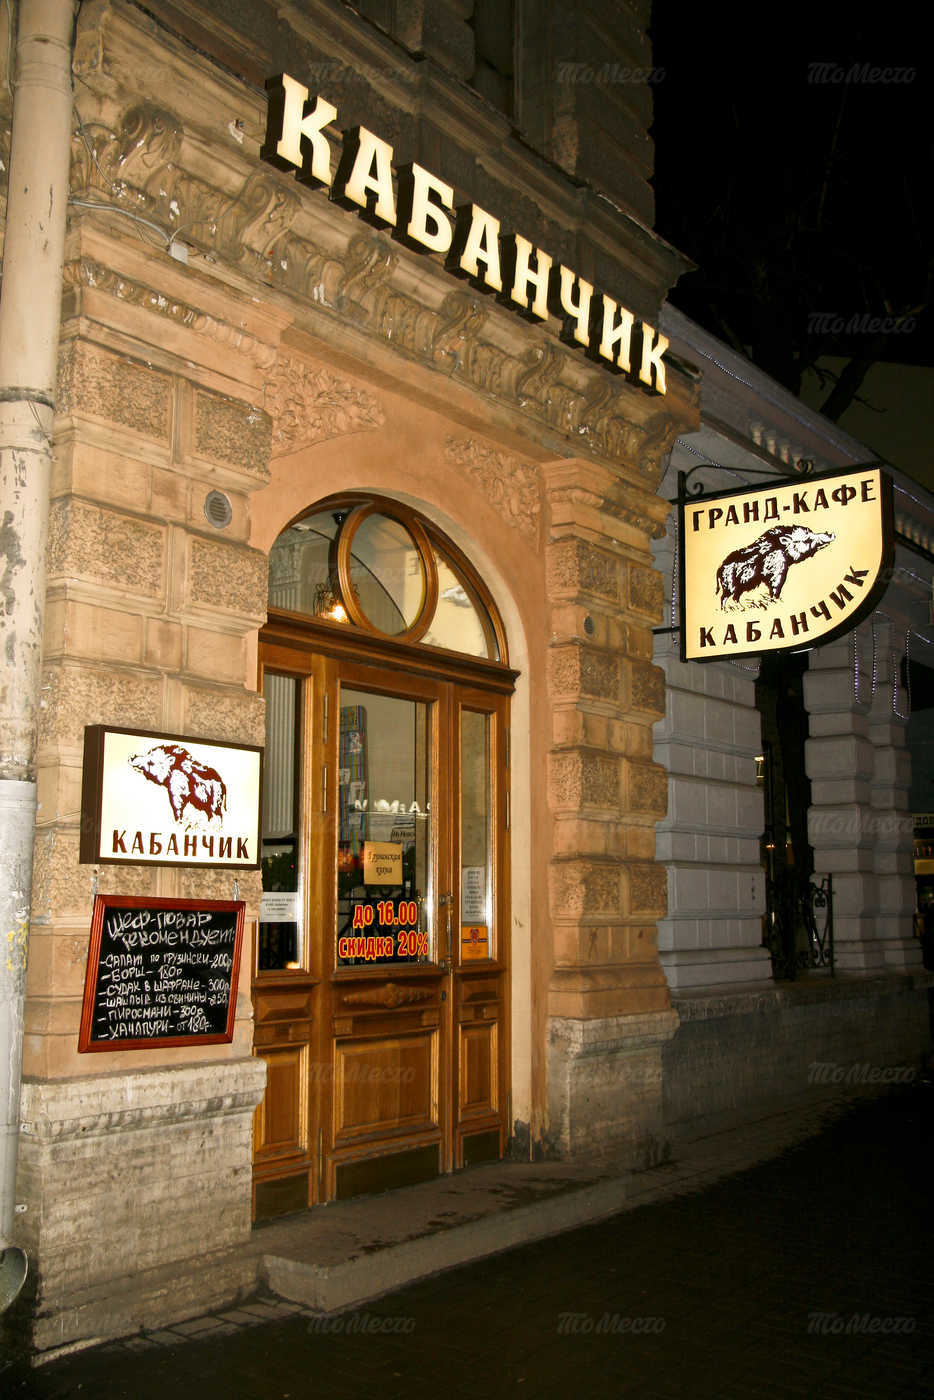 Меню бара, кафе, ресторана Кабанчик на Кирочной улице